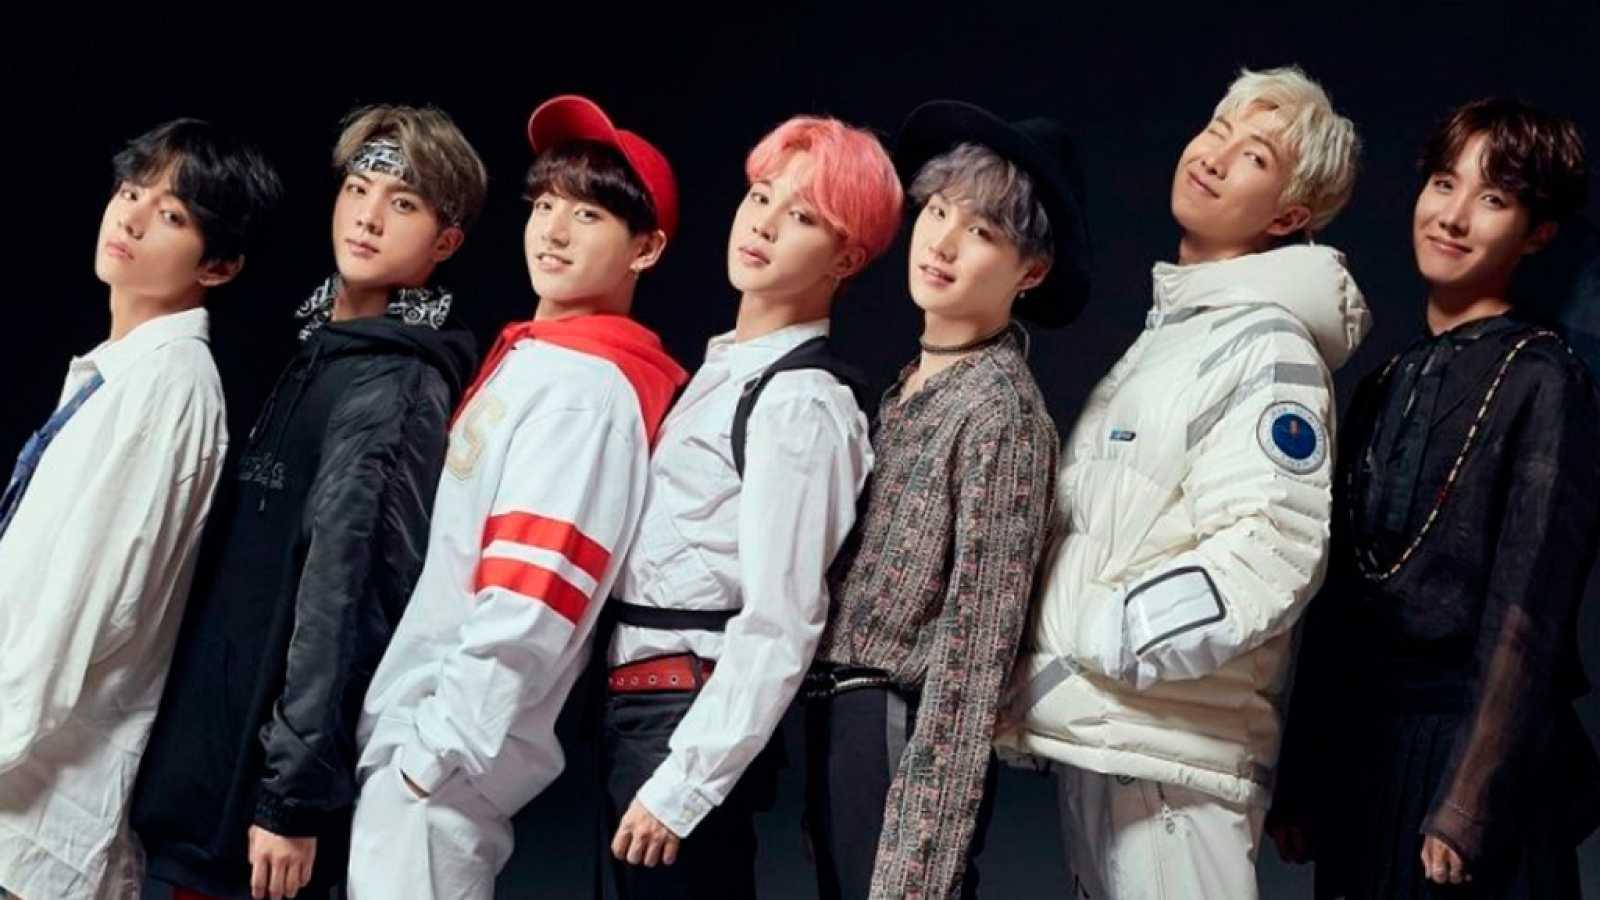 La nueva película de BTS, la banda referente mundial del K-Pop se estrena en más de 150 cines españoles